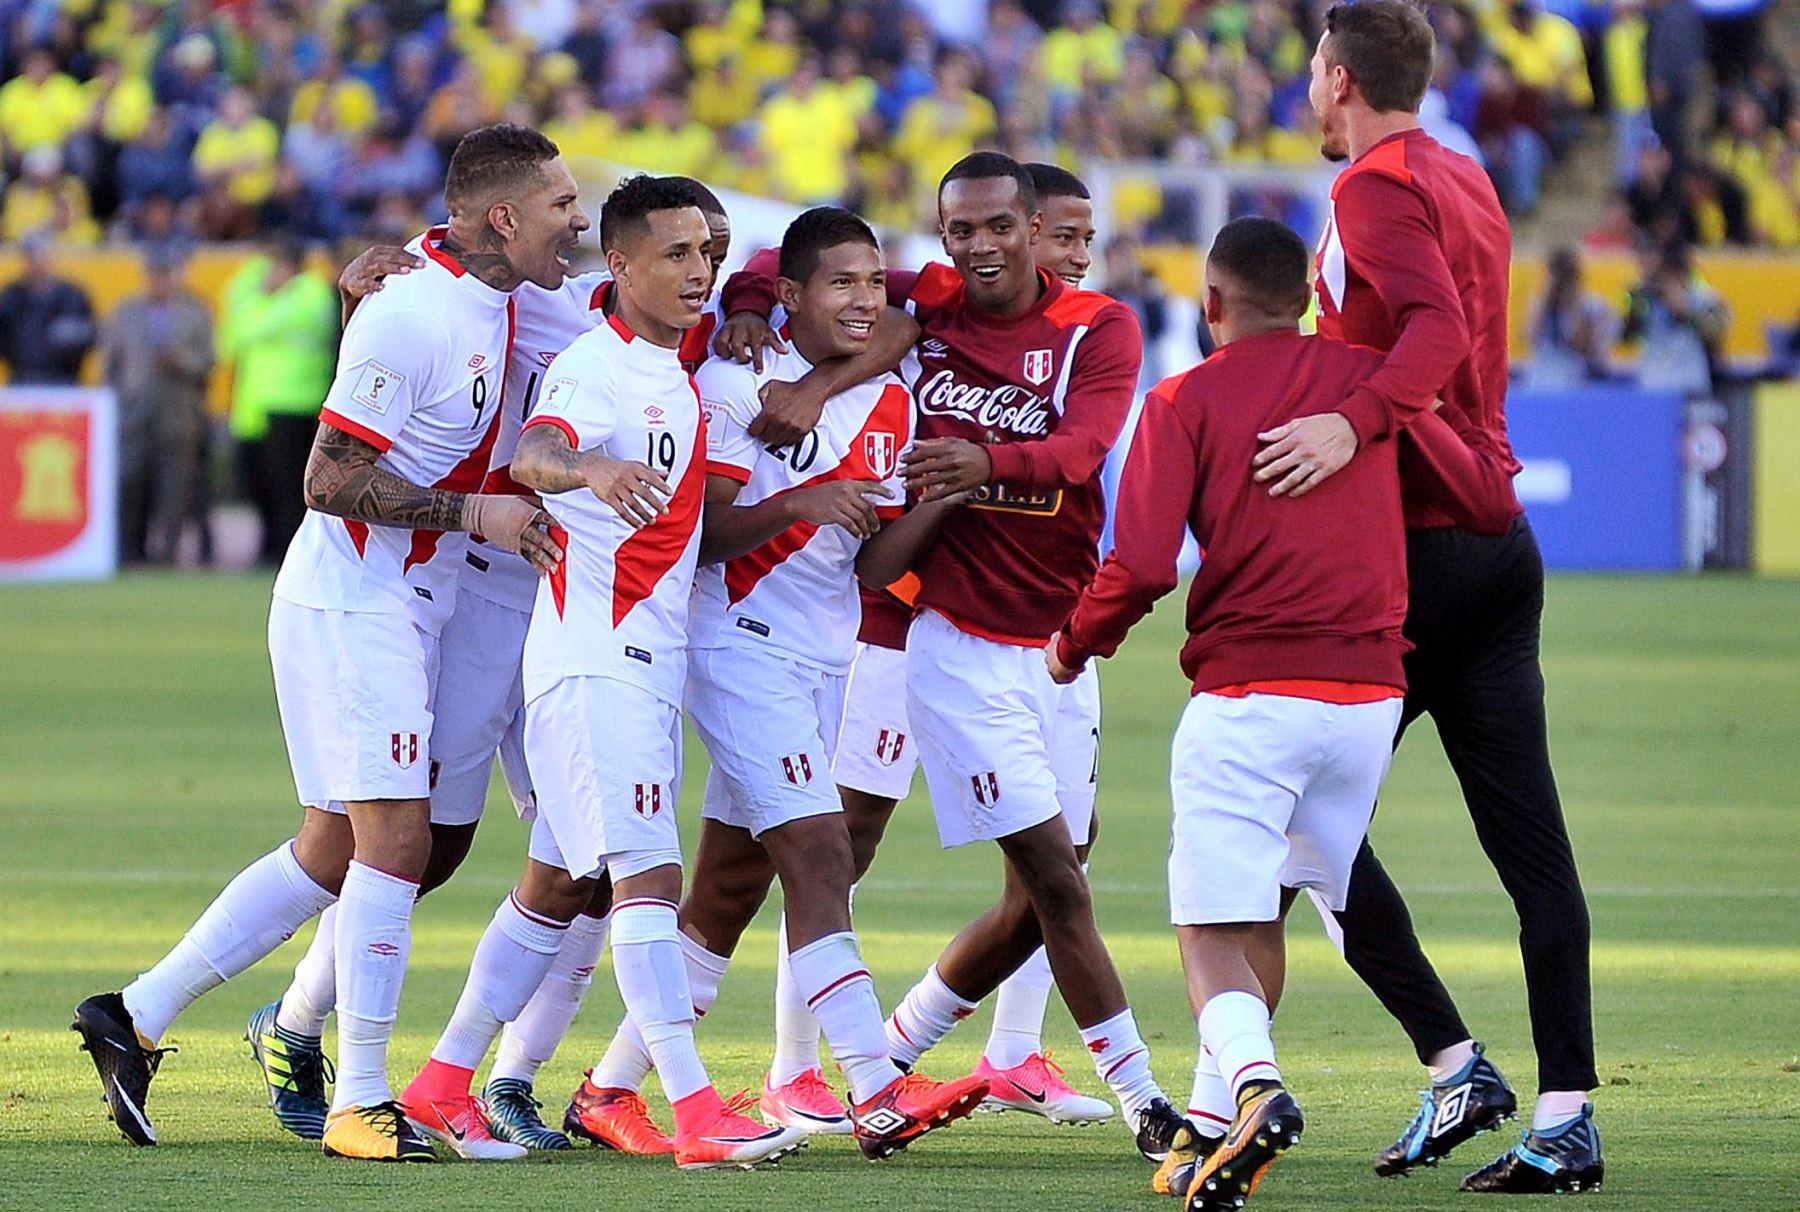 Con goles de Edison Flores, y de Paolo Hurtado, la selección peruana vence 2-1 a Ecuador, en el estadio Olímpico Atahualpa. Foto: AFP